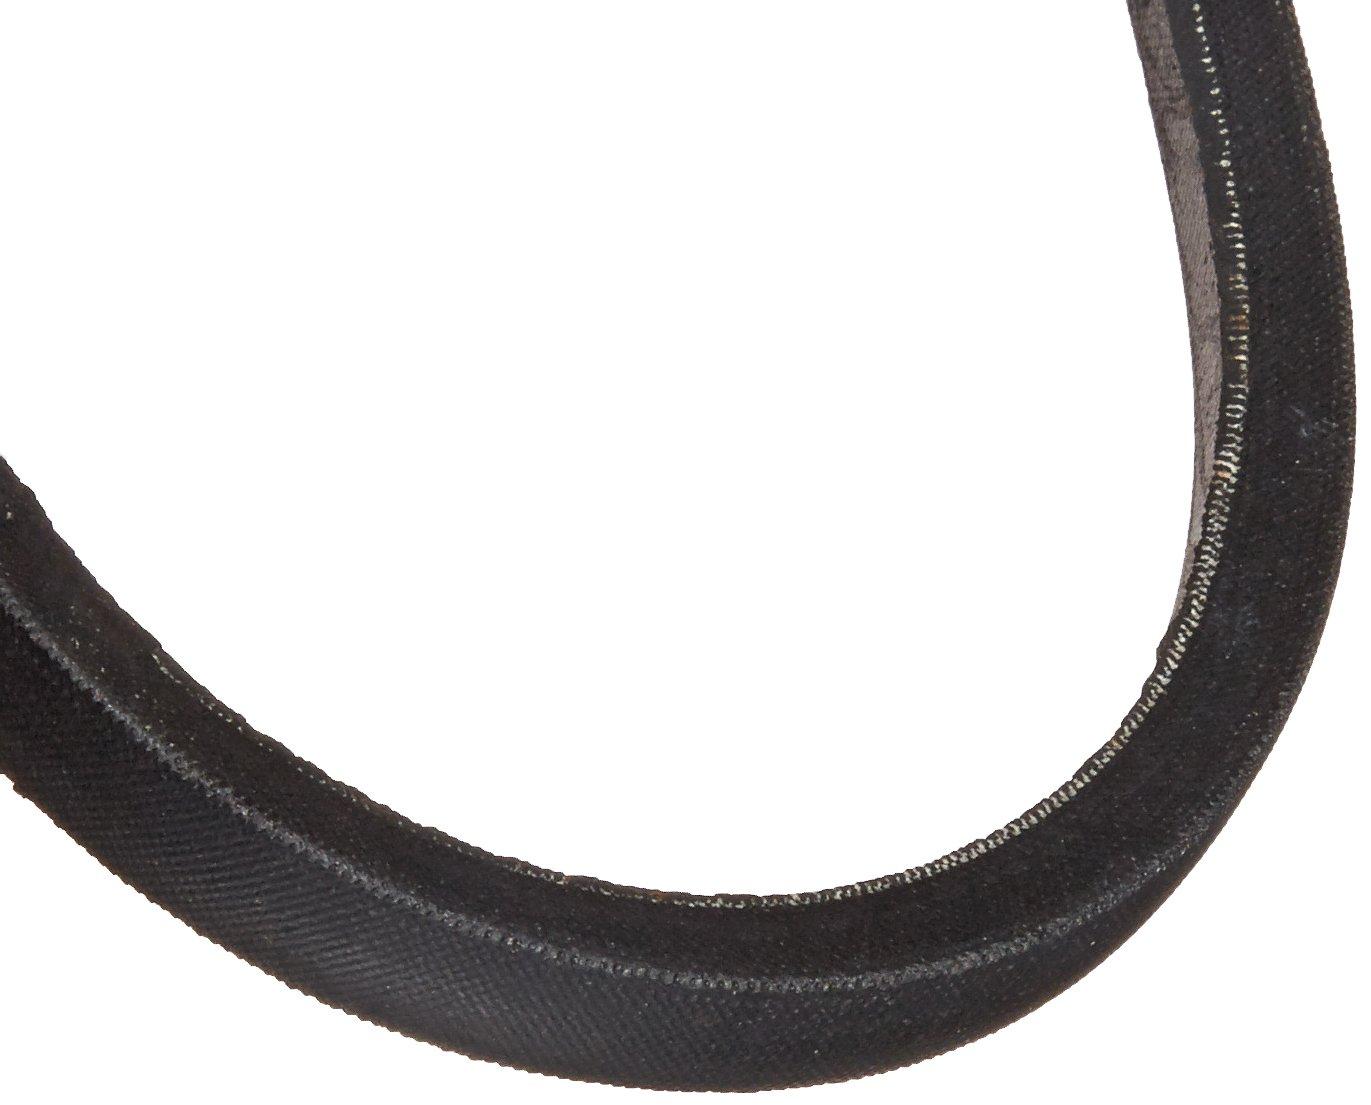 A Belt Section 1//2 x 5//16 Browning A25 Super Gripbelt 26.3 Pitch Length